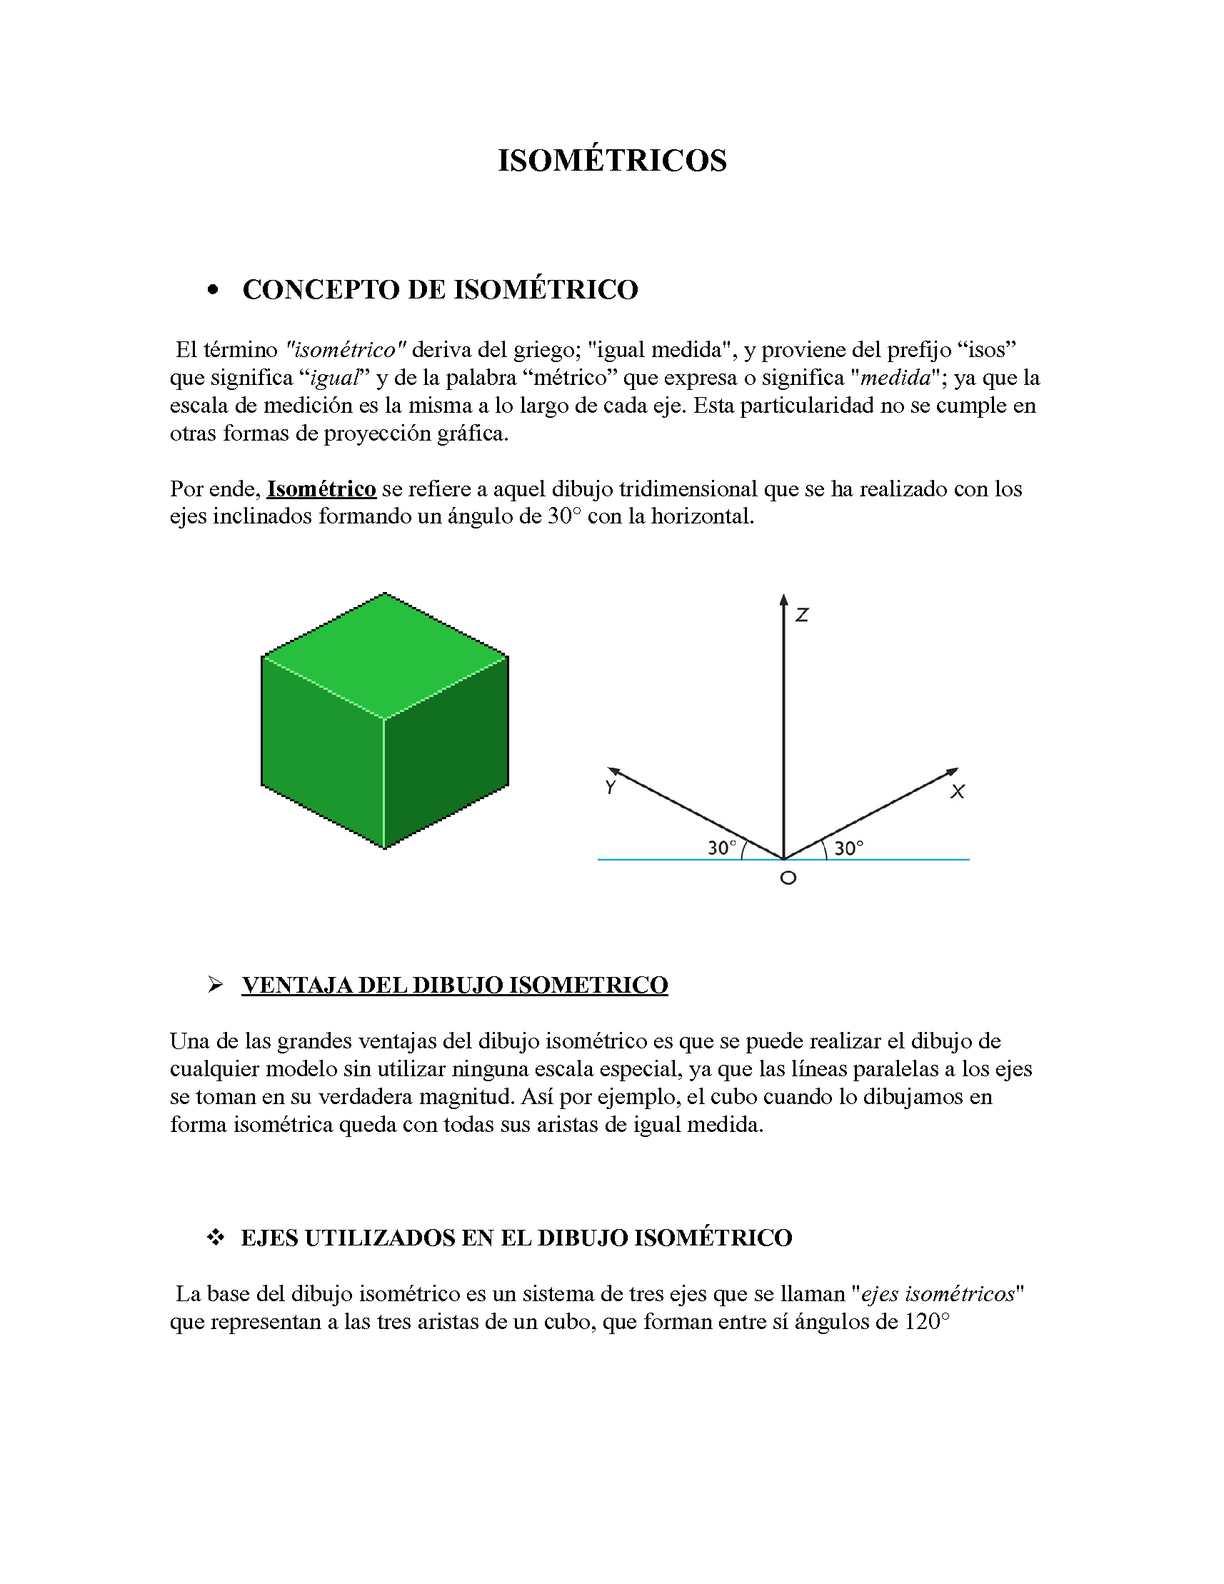 Isometricos